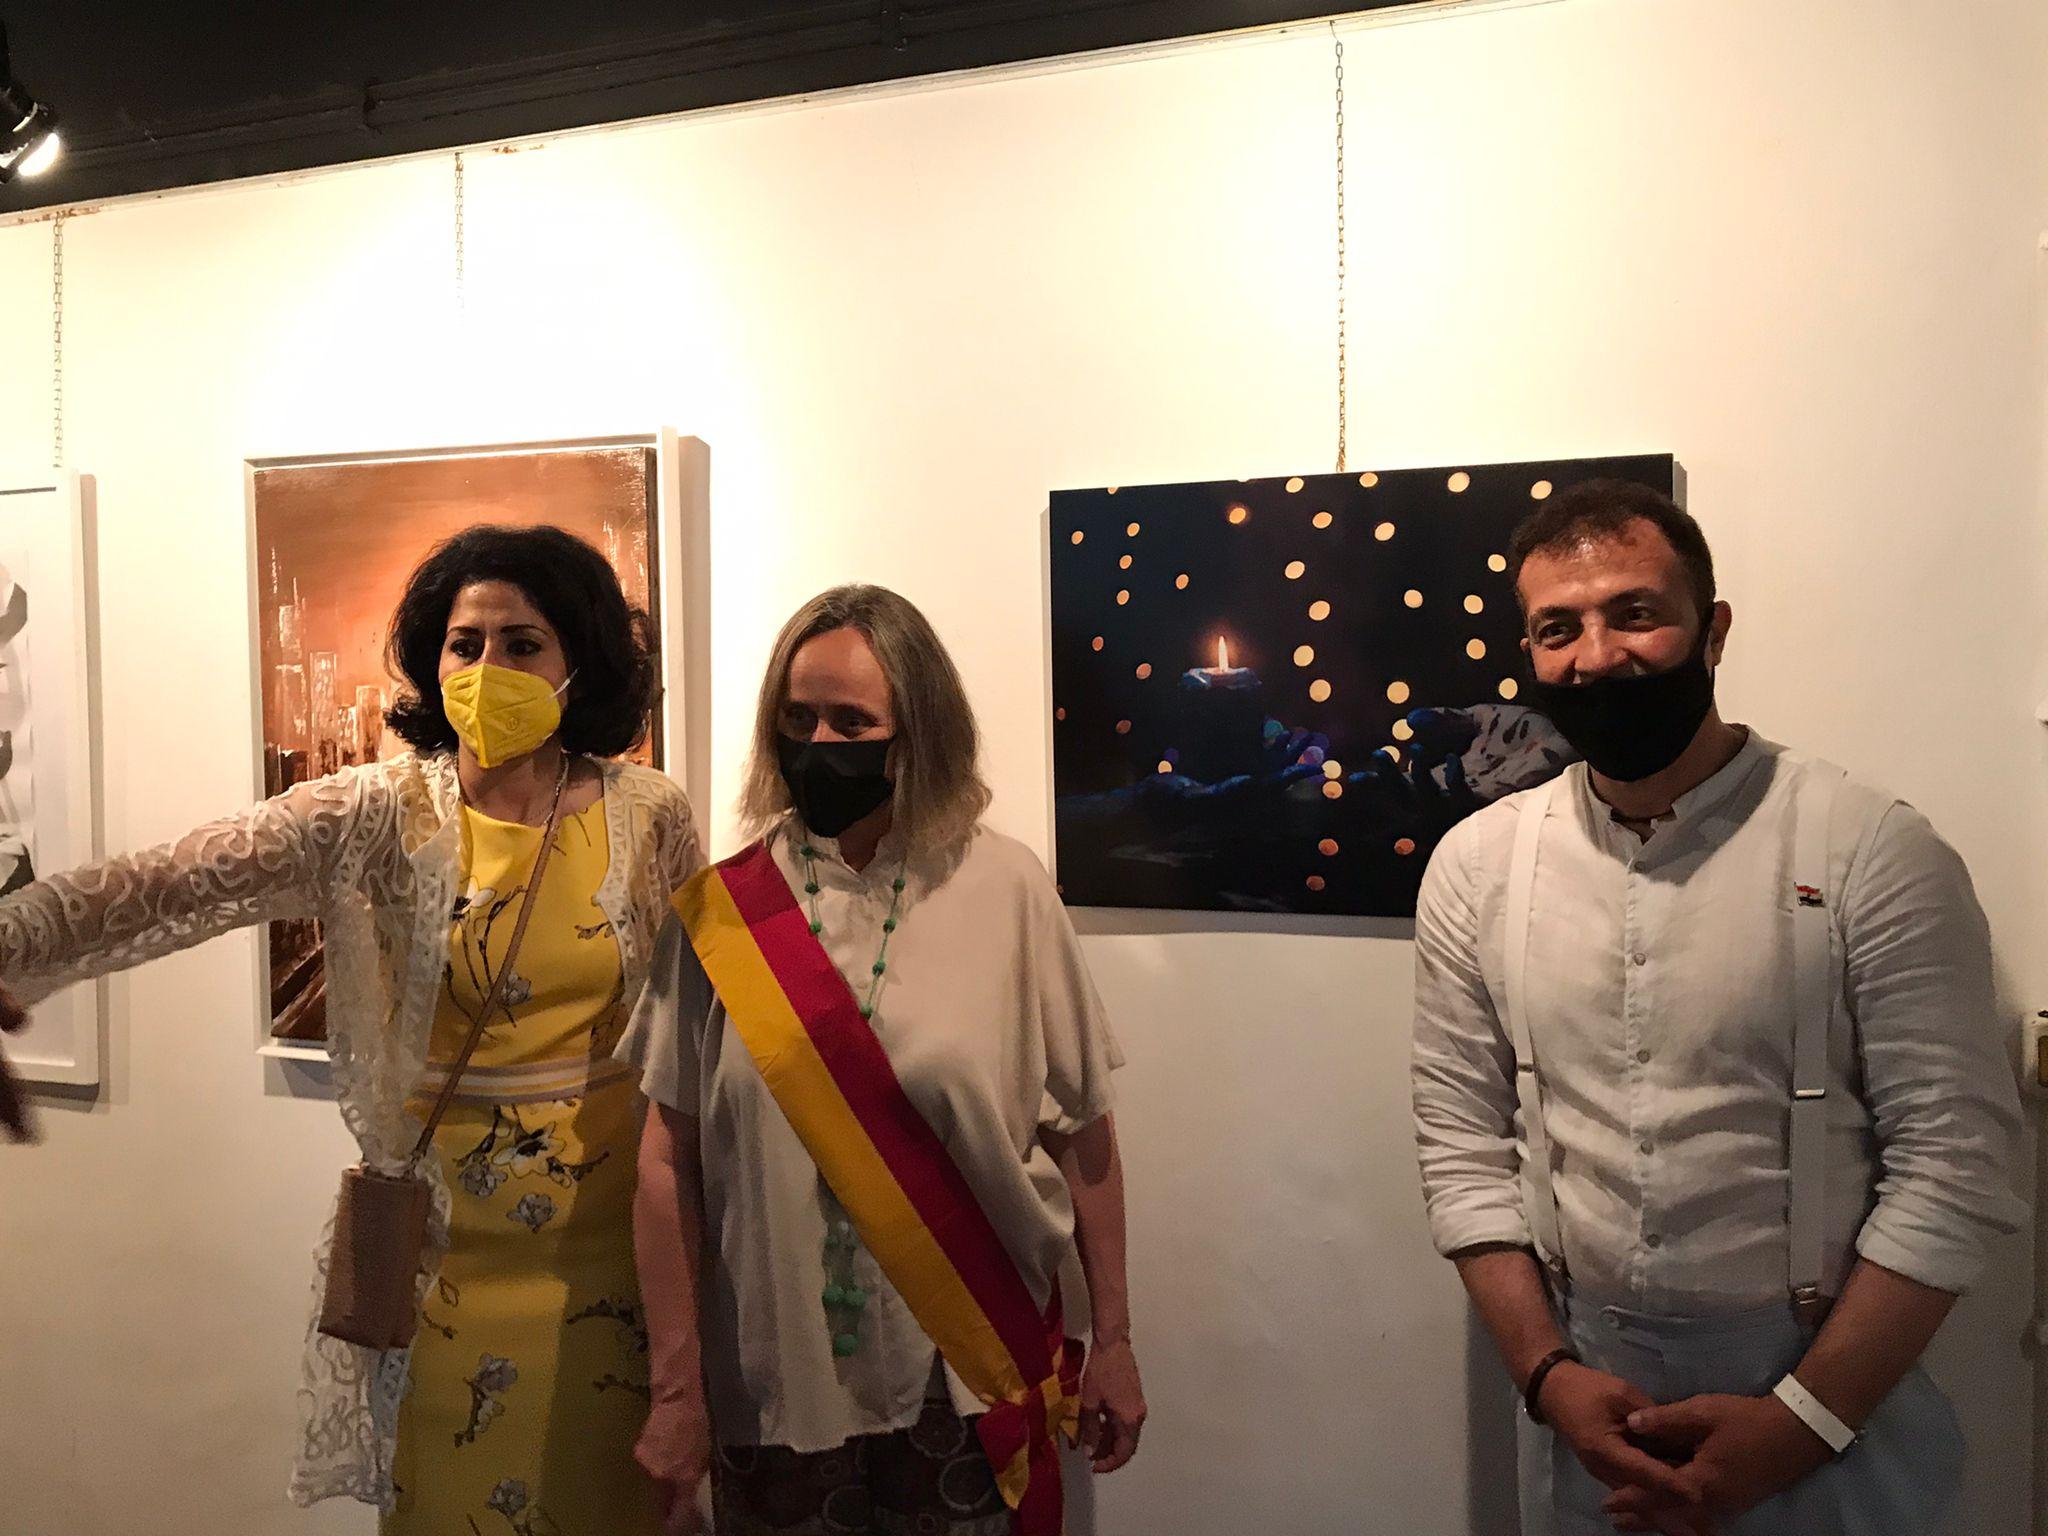 مشاركة فنانين فى المعرض